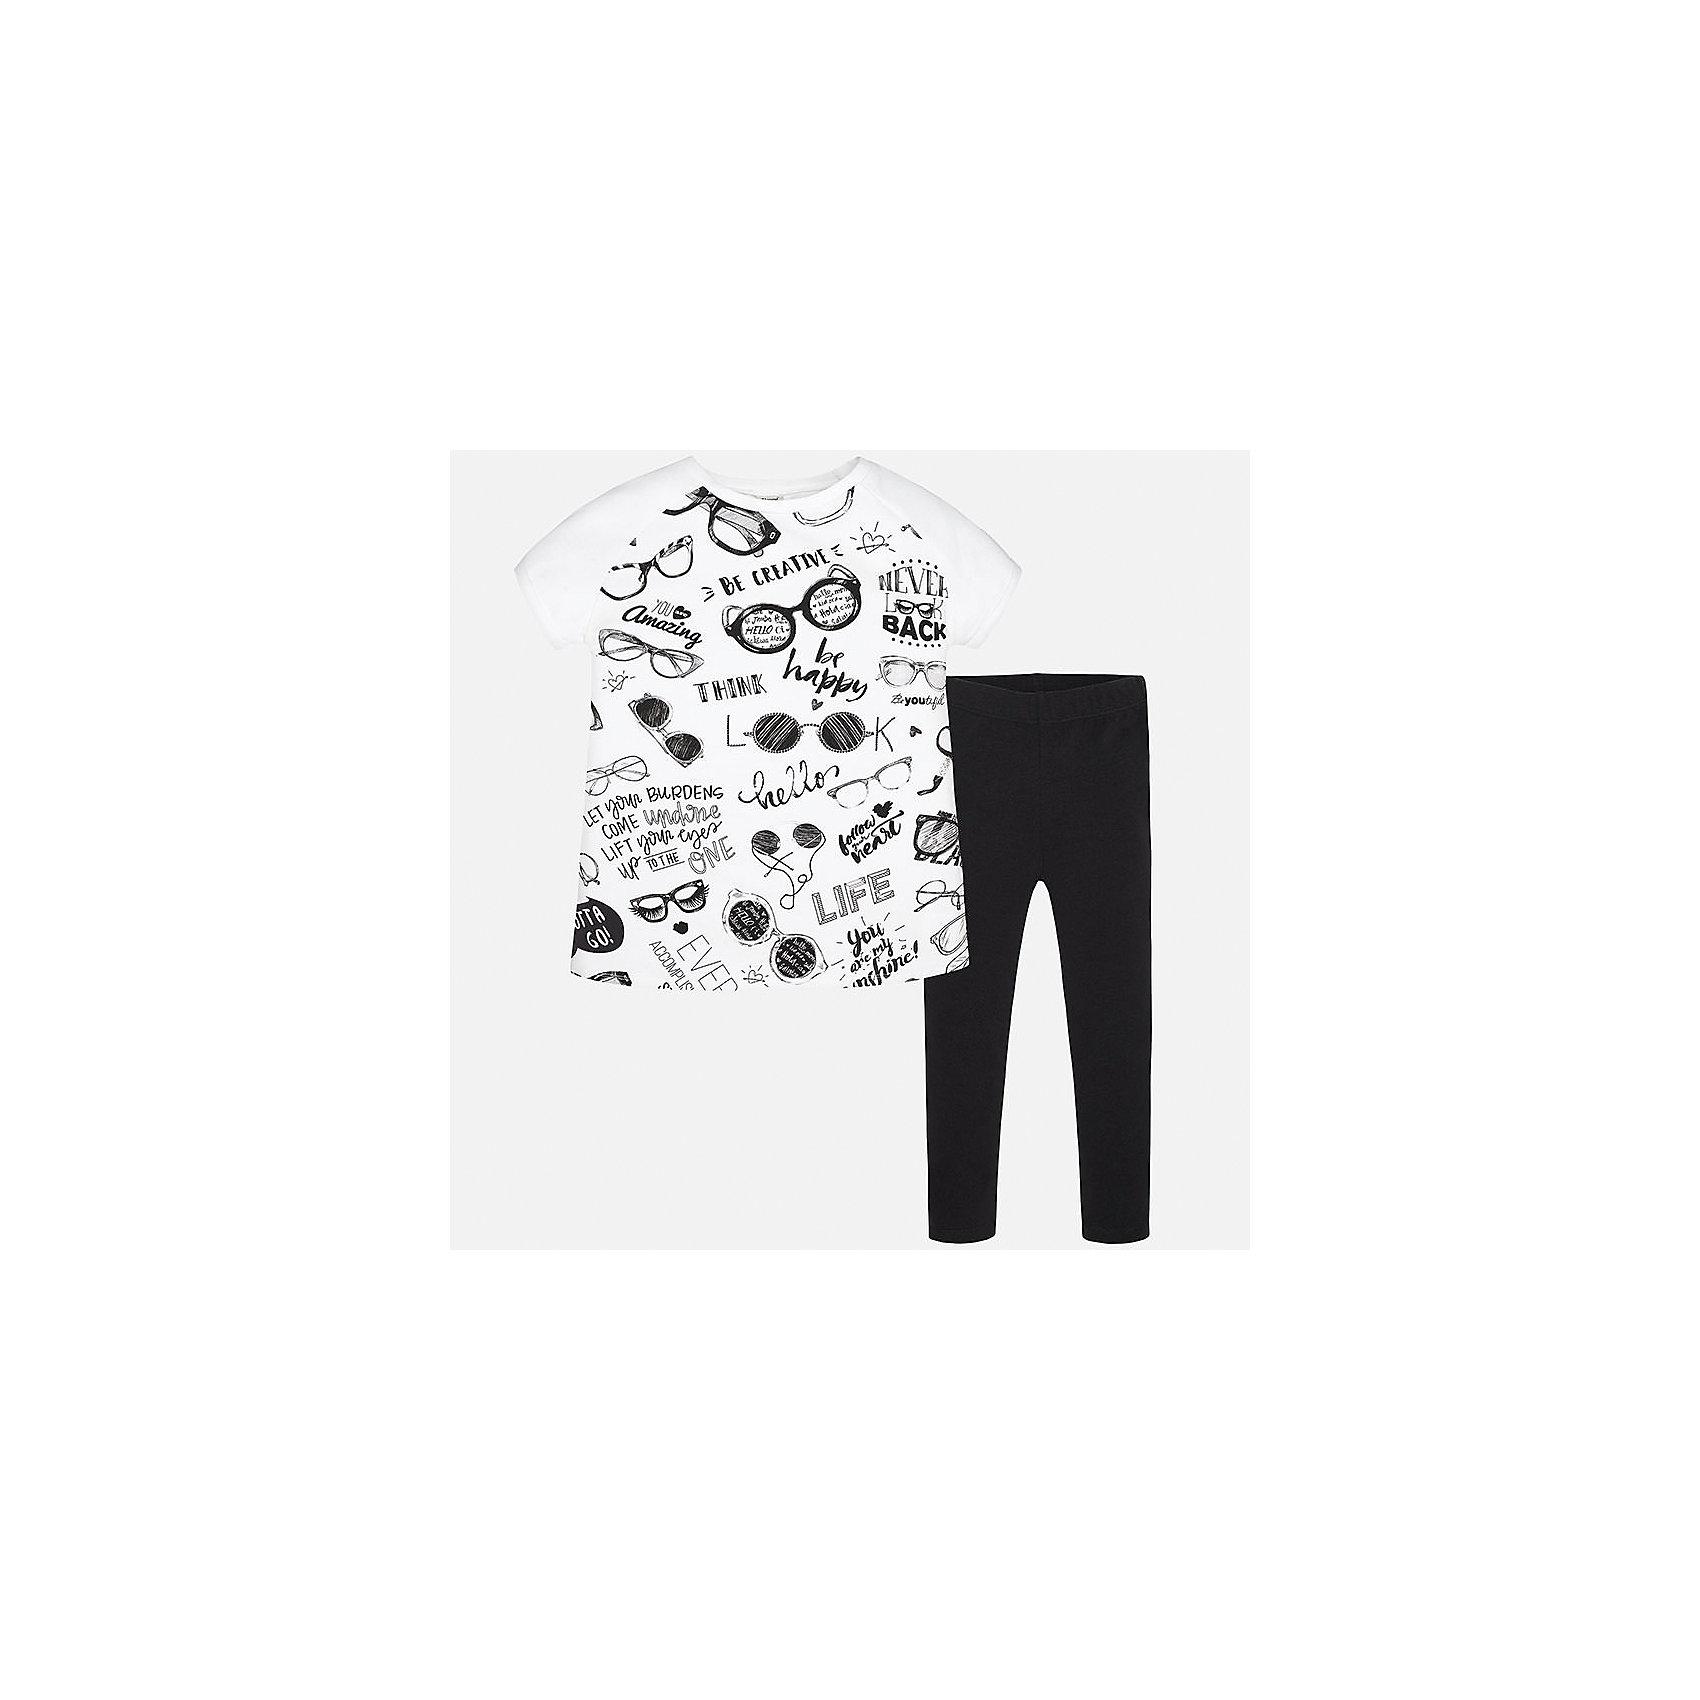 Комплект: футболка и леггинсы для девочки MayoralКомплекты<br>Характеристики товара:<br><br>• цвет: белый/черный<br>• состав: 92% хлопок, 8% эластан<br>• комплектация: футболка, леггинсы<br>• футболка декорирована принтом<br>• леггинсы однотонные<br>• пояс на резинке<br>• страна бренда: Испания<br><br>Красивый качественный комплект для девочки поможет разнообразить гардероб ребенка и удобно одеться в теплую погоду. Он отлично сочетается с другими предметами. Универсальный цвет позволяет подобрать к вещам верхнюю одежду практически любой расцветки. Интересная отделка модели делает её нарядной и оригинальной. В составе материала - натуральный хлопок, гипоаллергенный, приятный на ощупь, дышащий.<br><br>Одежда, обувь и аксессуары от испанского бренда Mayoral полюбились детям и взрослым по всему миру. Модели этой марки - стильные и удобные. Для их производства используются только безопасные, качественные материалы и фурнитура. Порадуйте ребенка модными и красивыми вещами от Mayoral! <br><br>Комплект для девочки от испанского бренда Mayoral (Майорал) можно купить в нашем интернет-магазине.<br><br>Ширина мм: 123<br>Глубина мм: 10<br>Высота мм: 149<br>Вес г: 209<br>Цвет: черный<br>Возраст от месяцев: 156<br>Возраст до месяцев: 168<br>Пол: Женский<br>Возраст: Детский<br>Размер: 164,140,128/134,158,152<br>SKU: 5293054